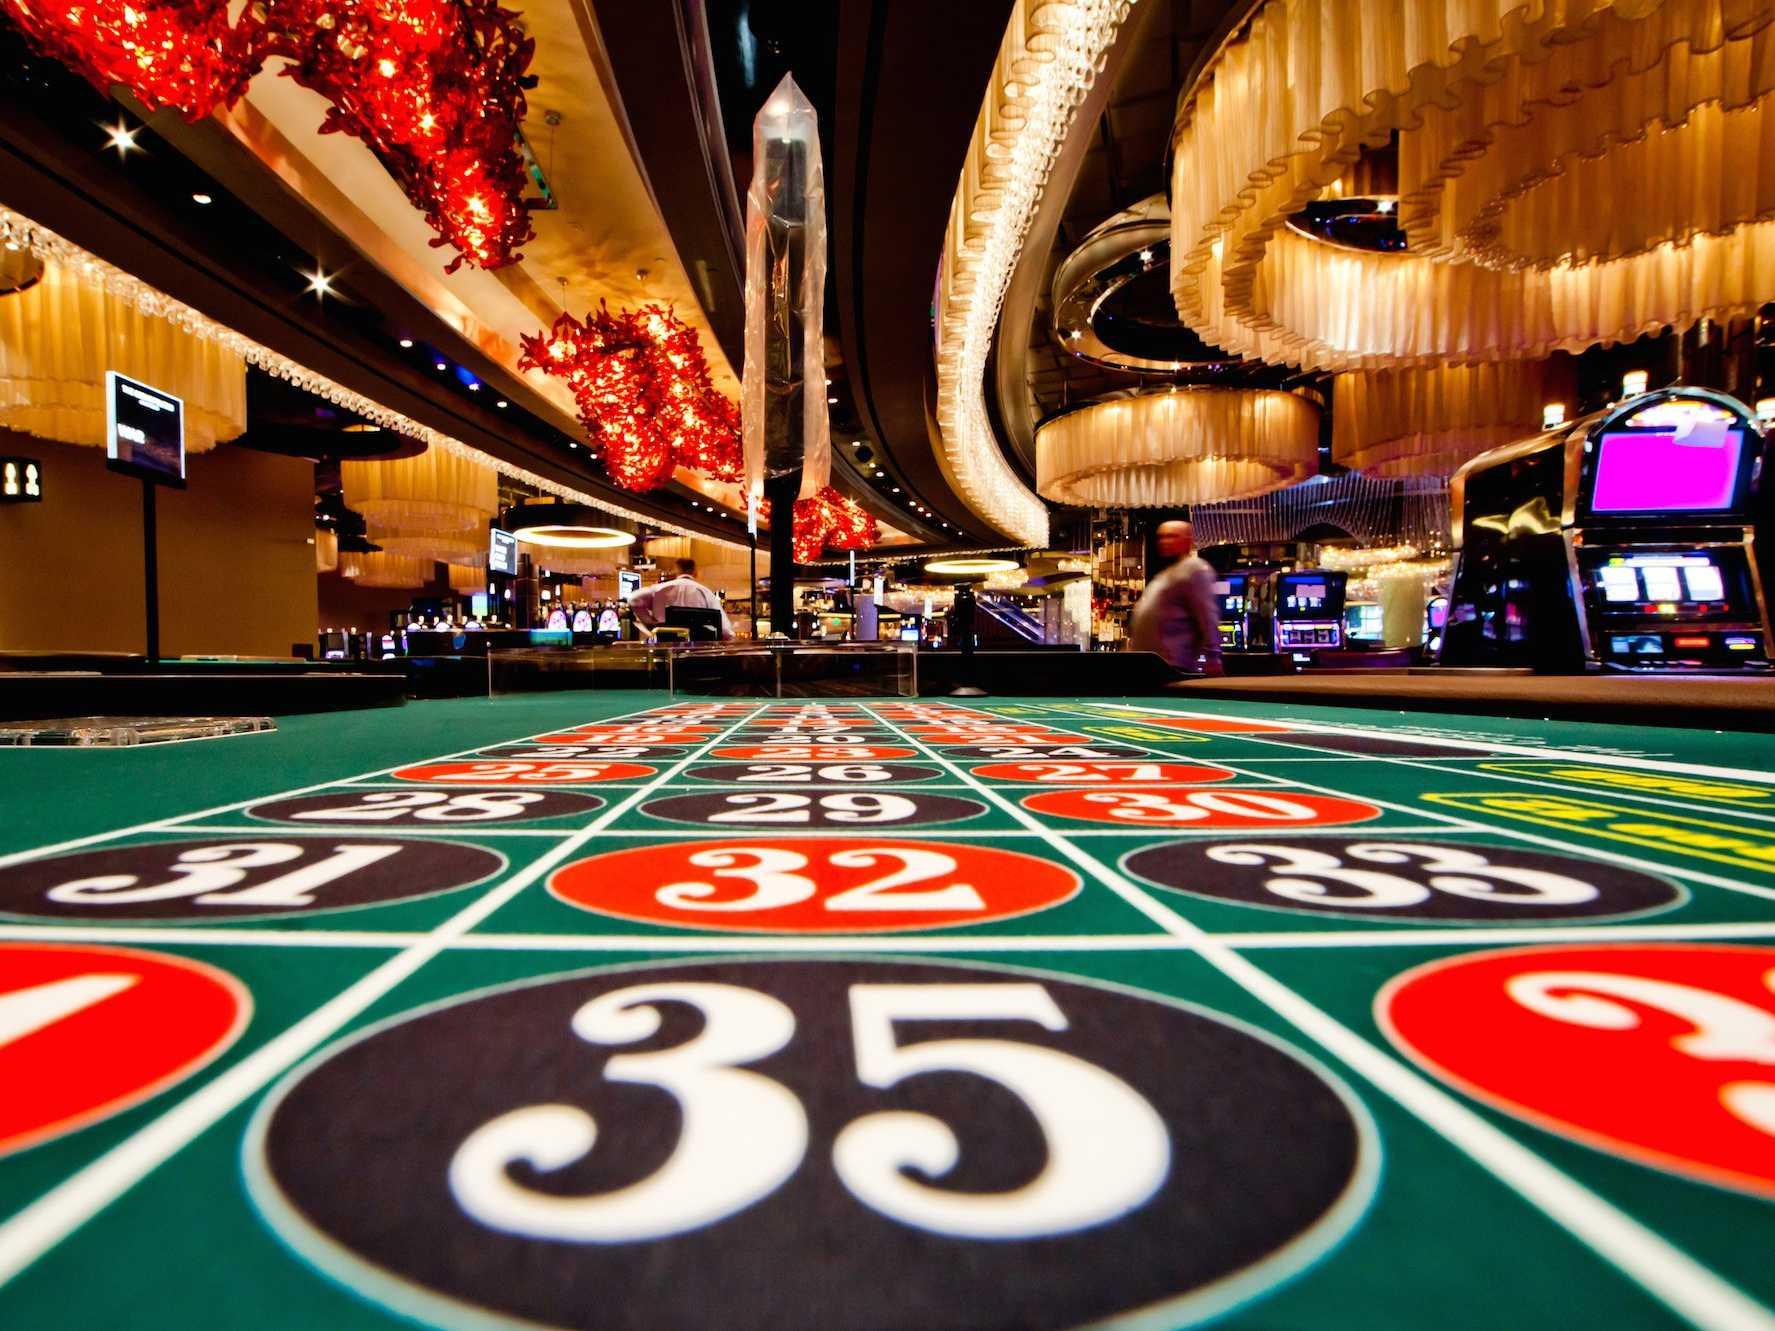 Casino En Ligne : Un Jeu Gratuit Pour Plus De Fun avec Jeux Pour Jouer Gratuitement